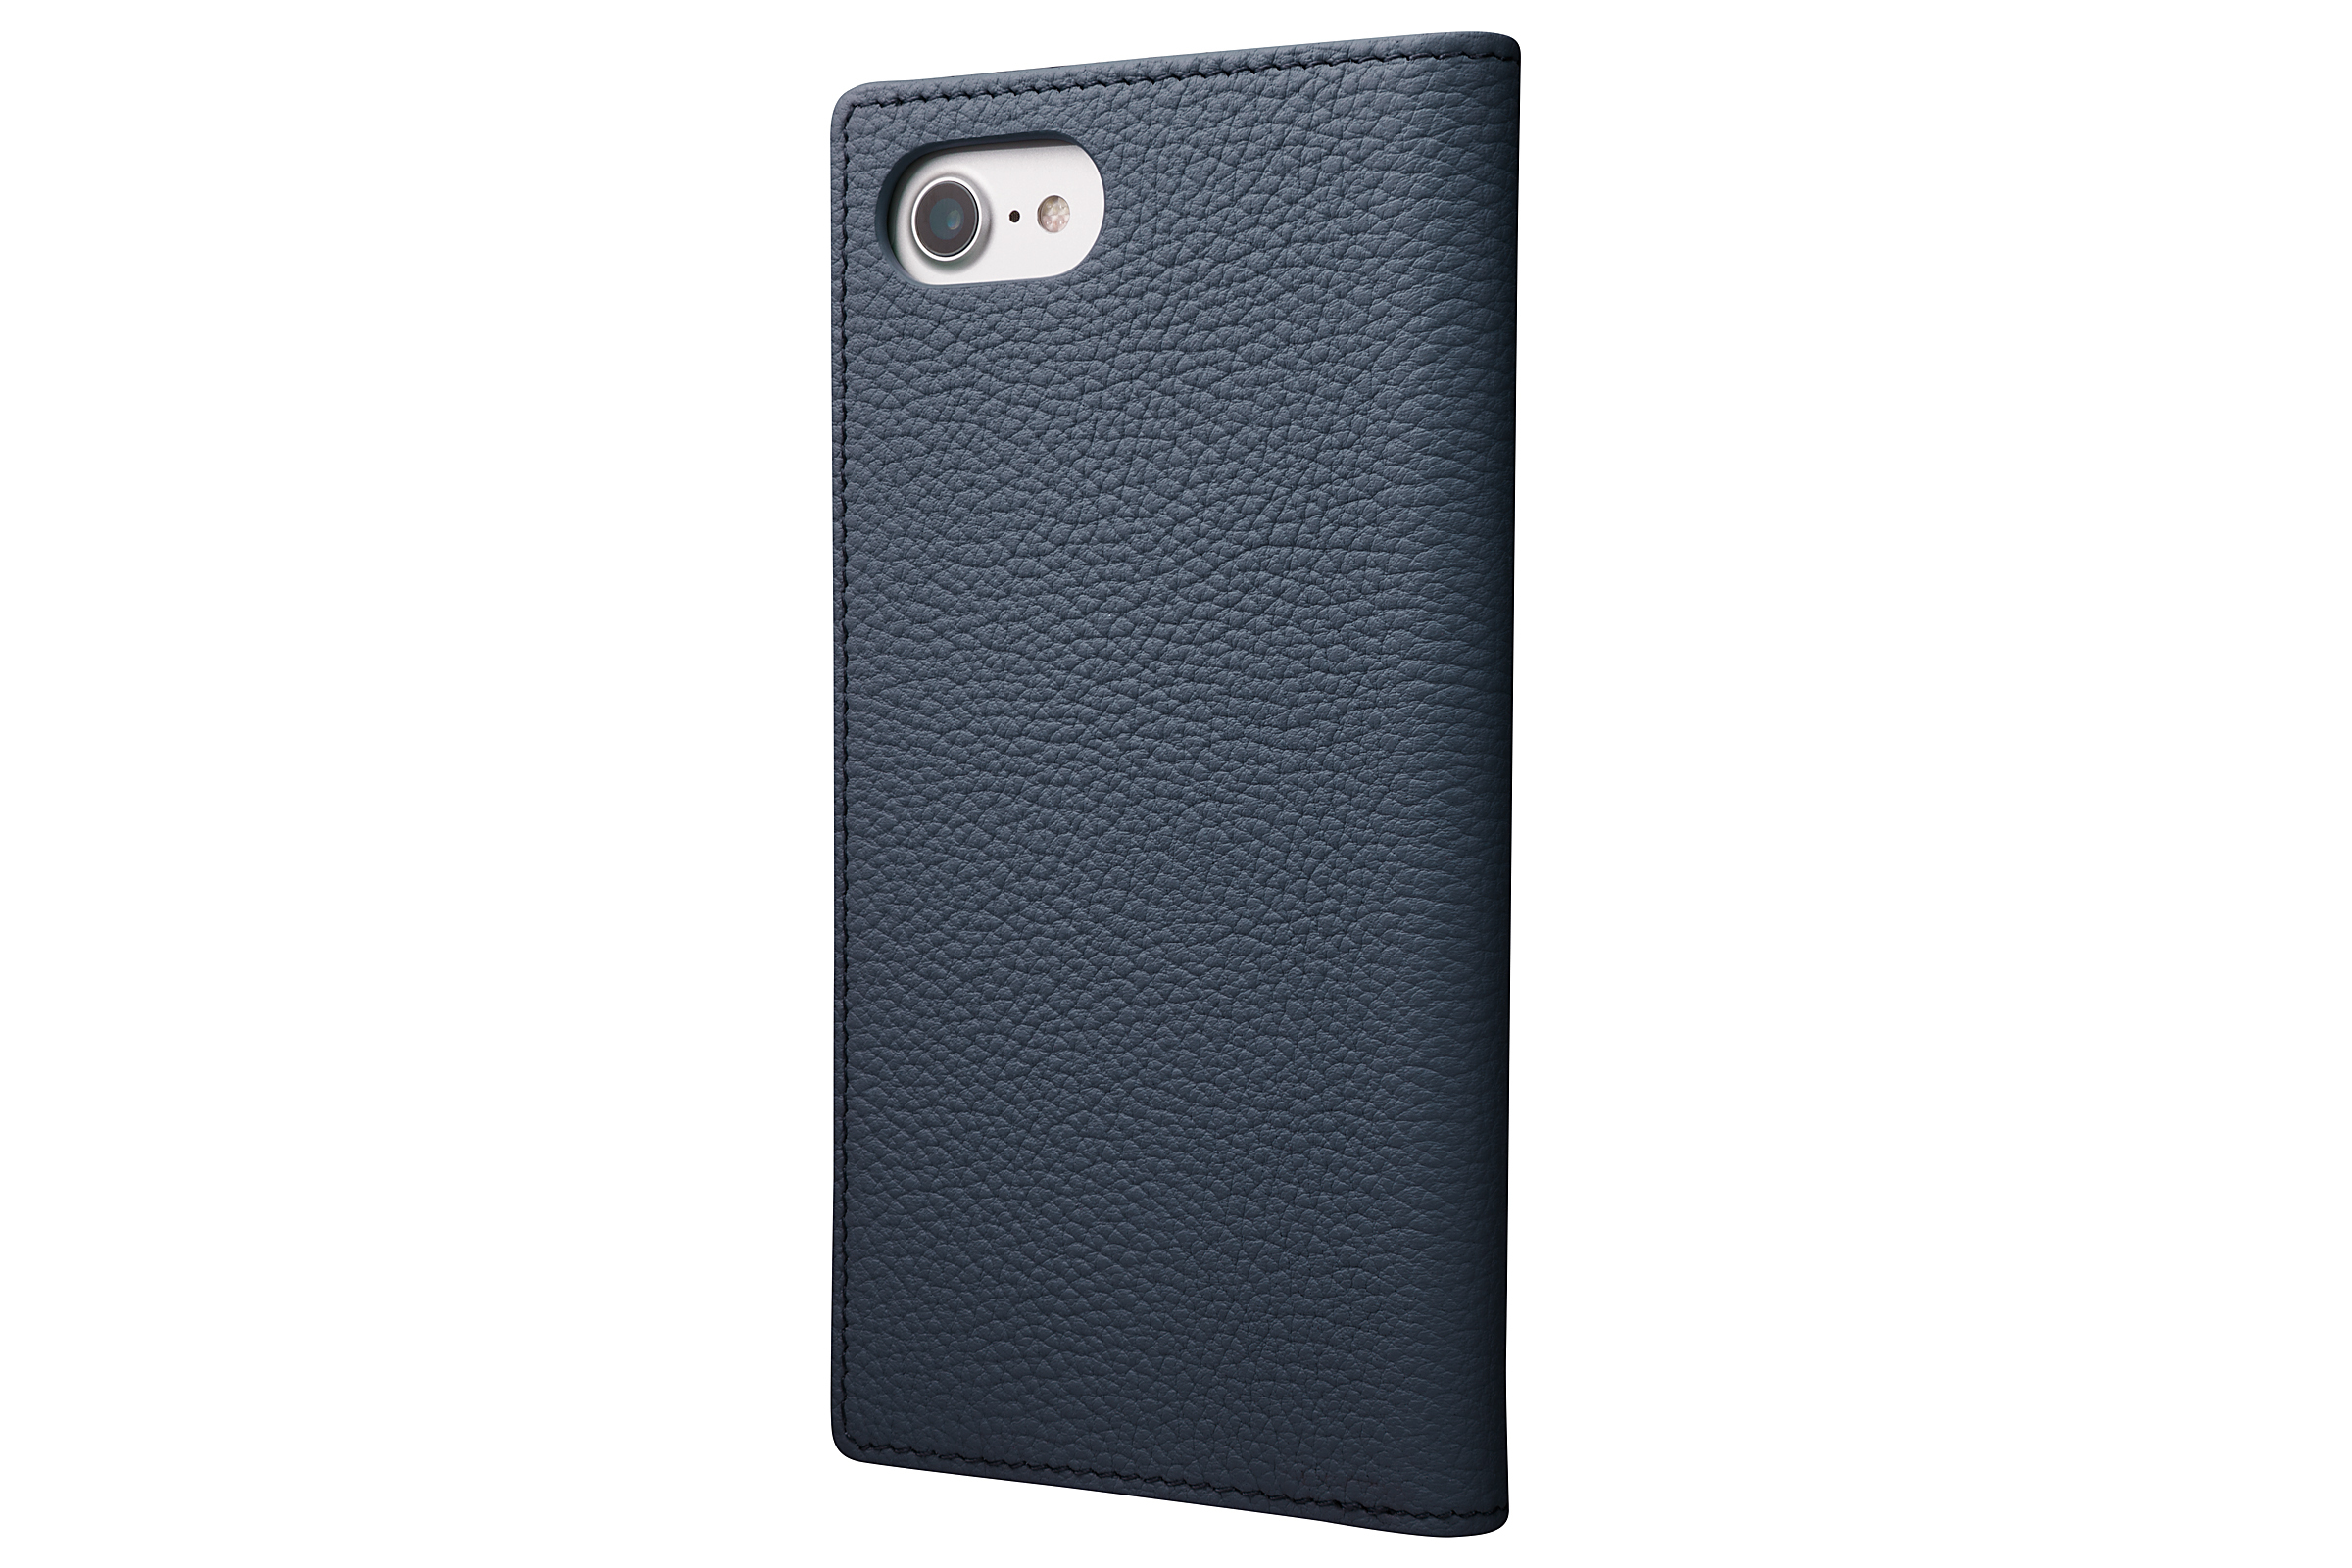 GRAMAS Shrunken-calf Full Leather Case for iPhone 7(Navy) シュランケンカーフ 手帳型フルレザーケース GLC646NV - 画像2